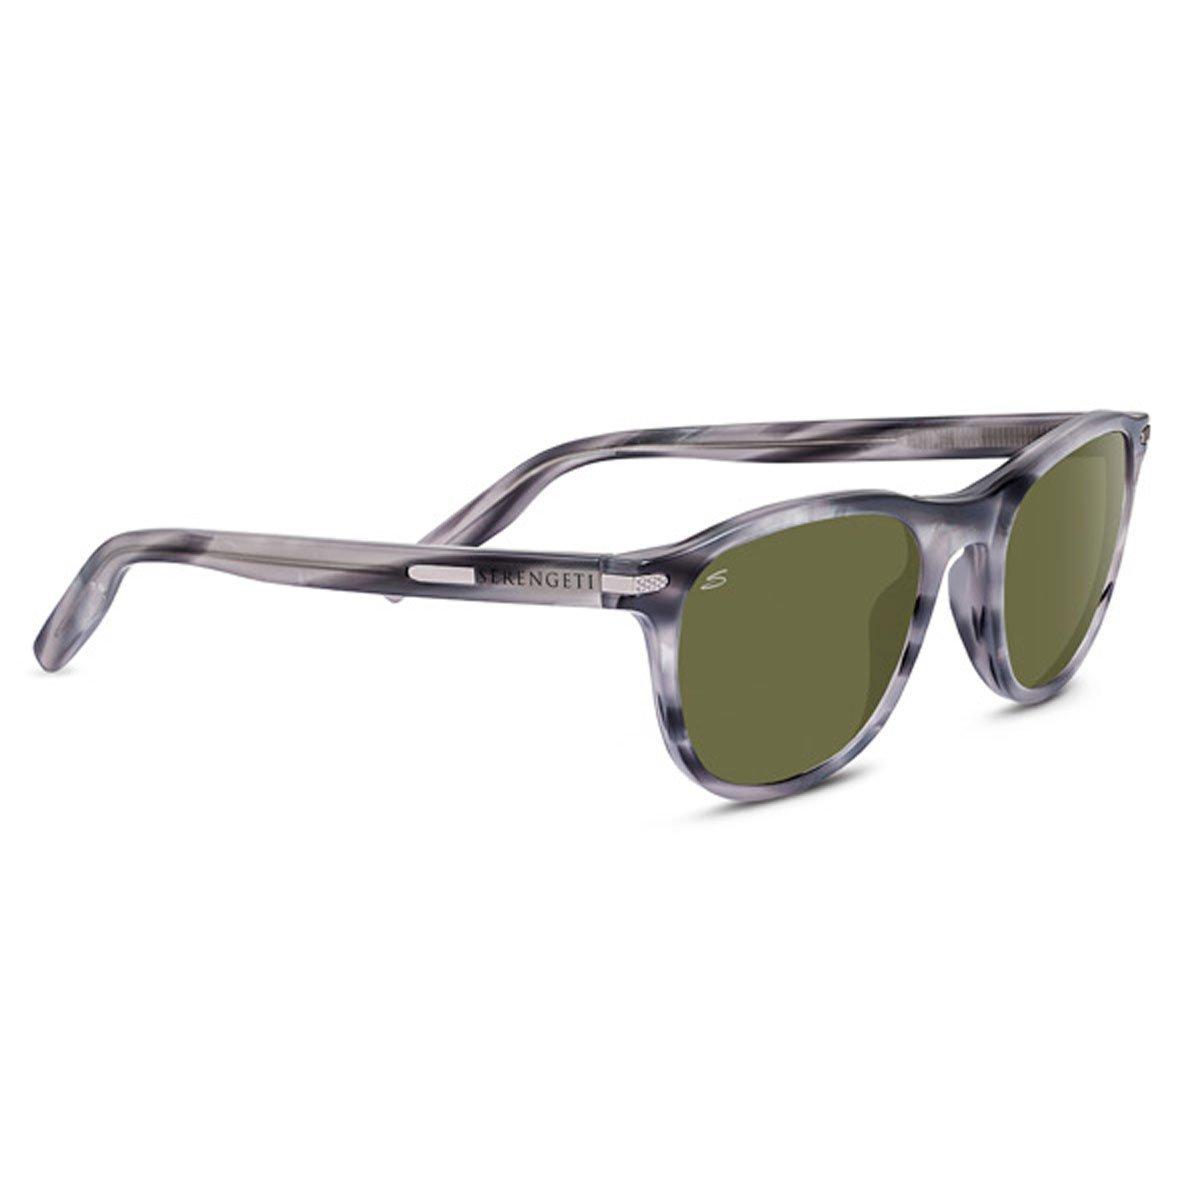 864596493f Serengeti Non Polarized Sunglasses « One More Soul